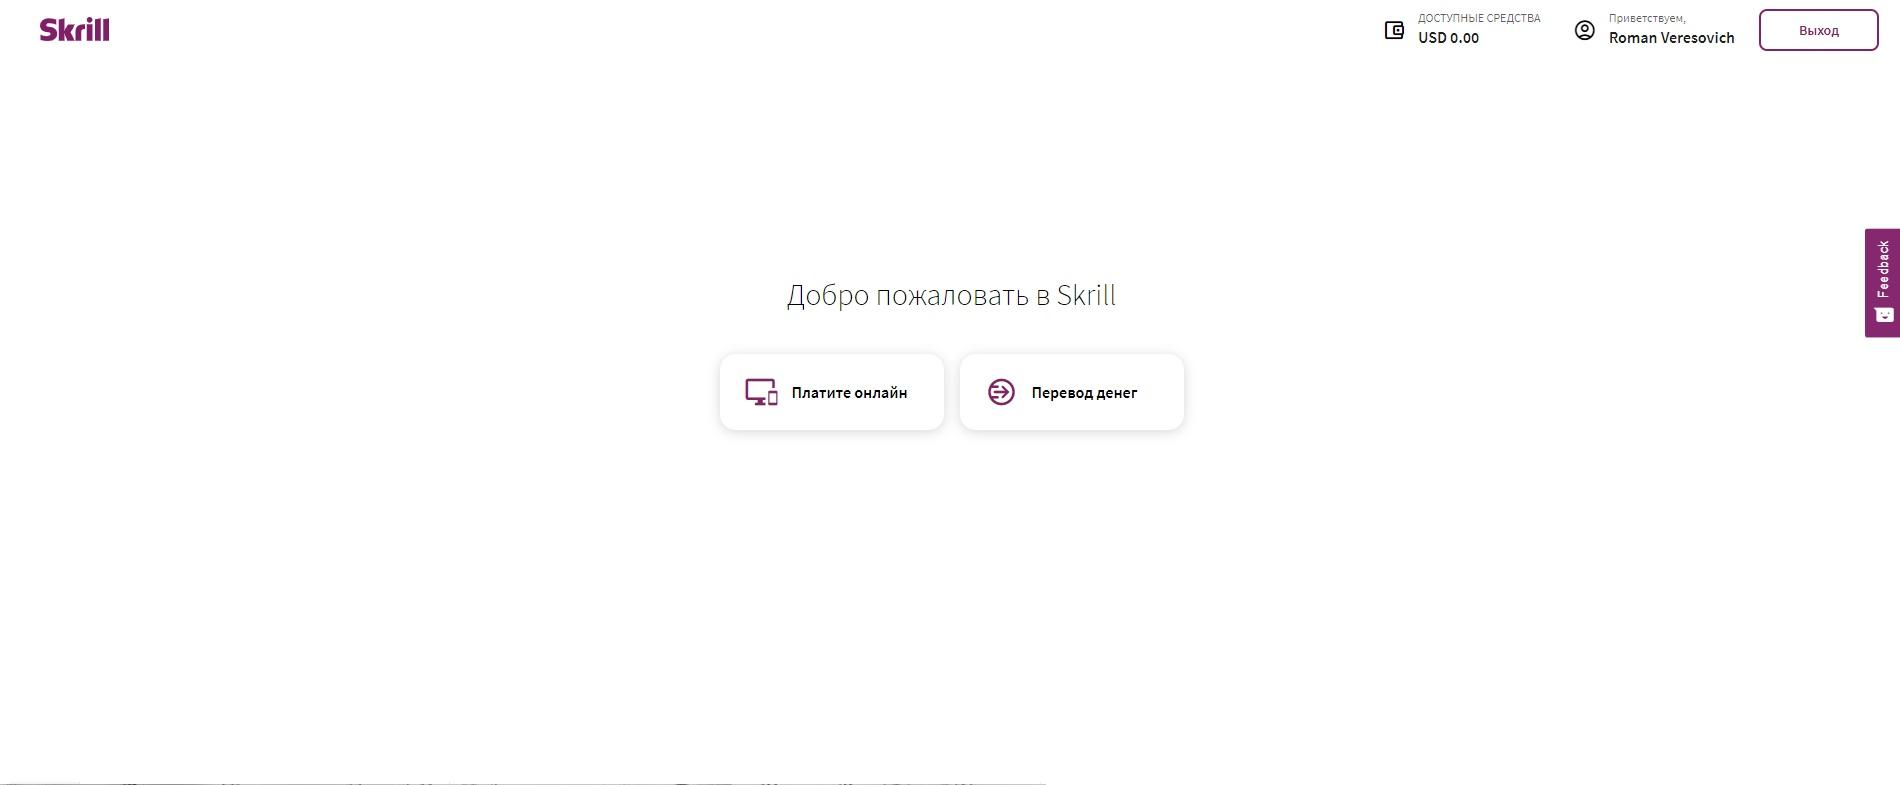 skrill1618389413.jpg